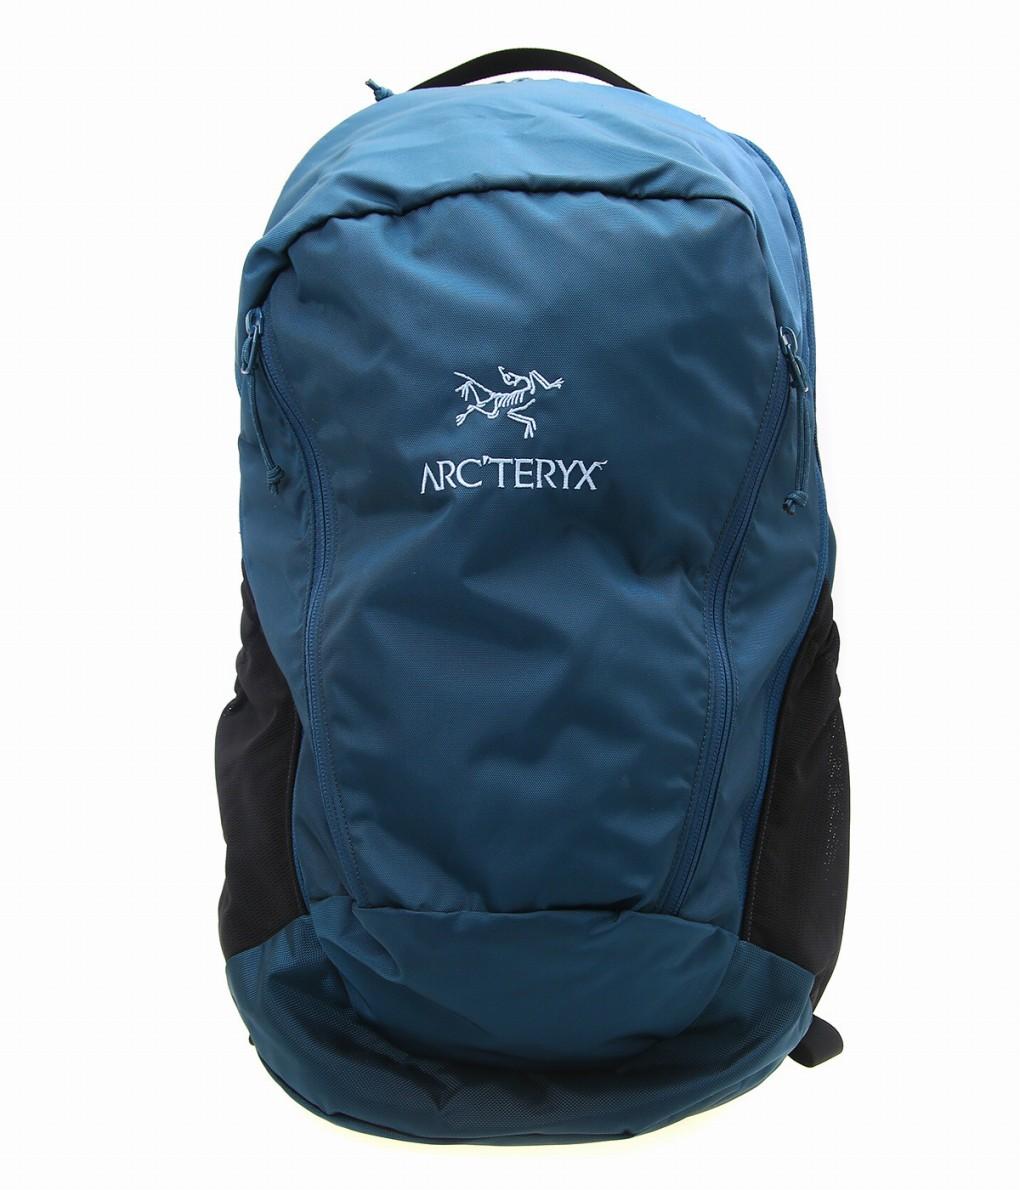 【国内正規品】ARC'TERYX / アークテリクス : Mantis 26L Backpack : マンティス 26L バッグパック アークテリクス メンズ : L07258400 【STD】